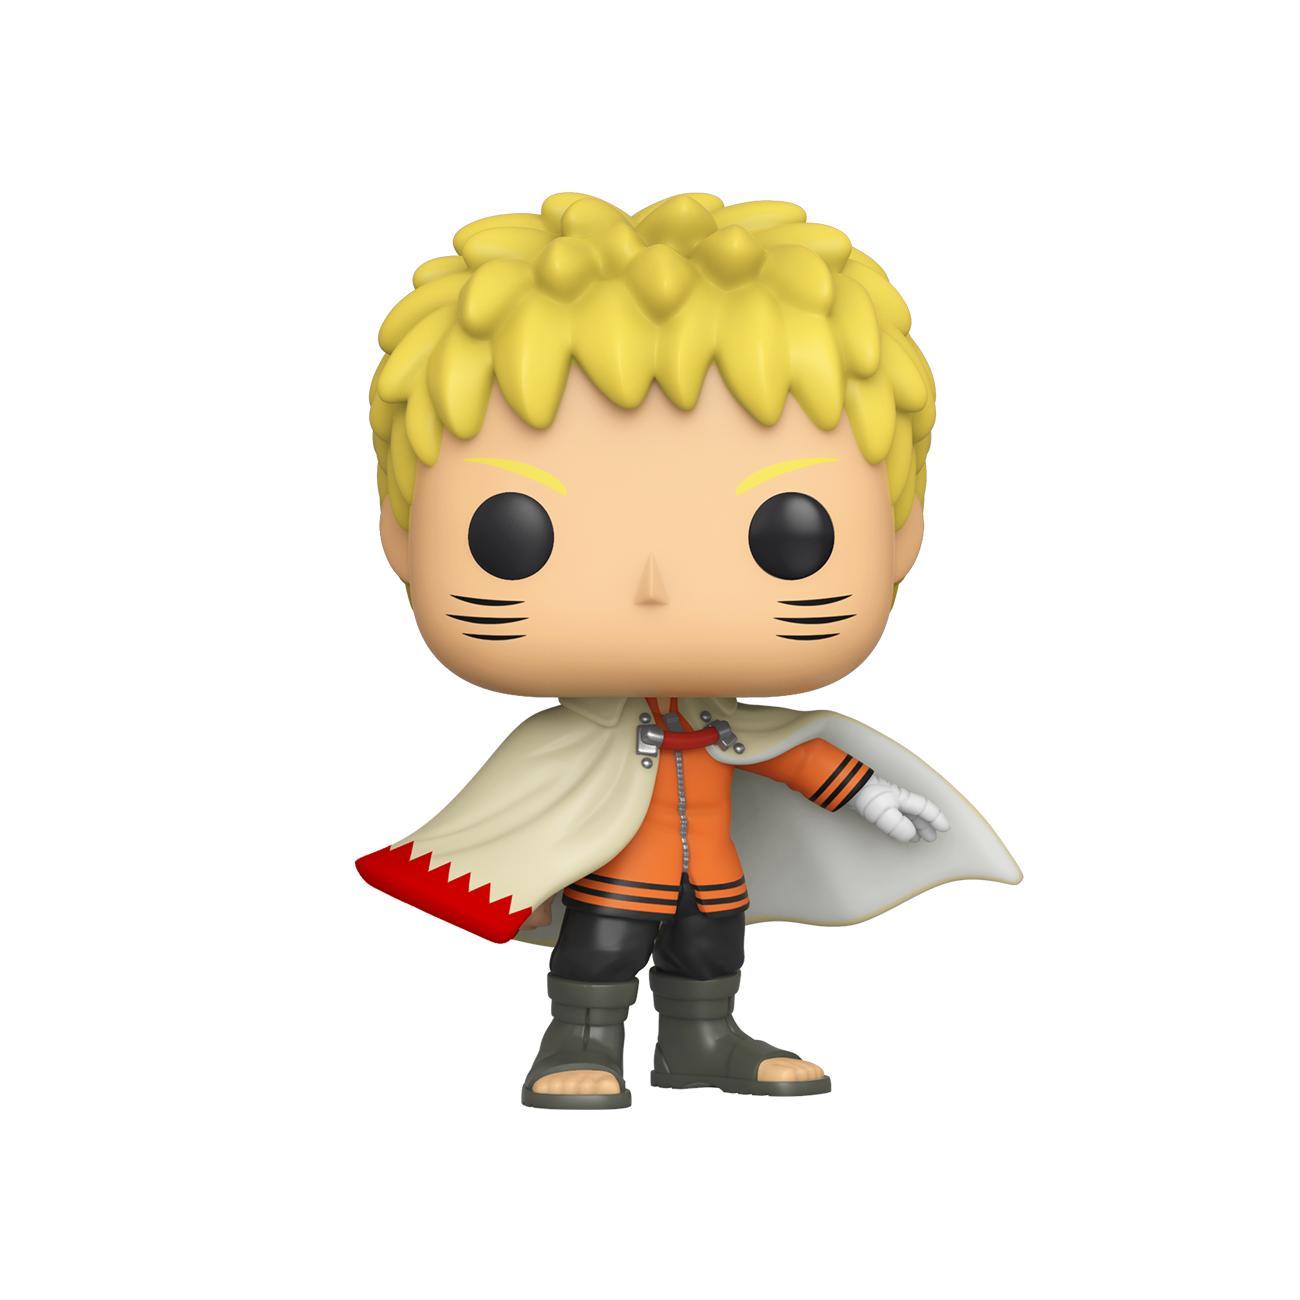 Funko Boruto Naruto Pop Figure